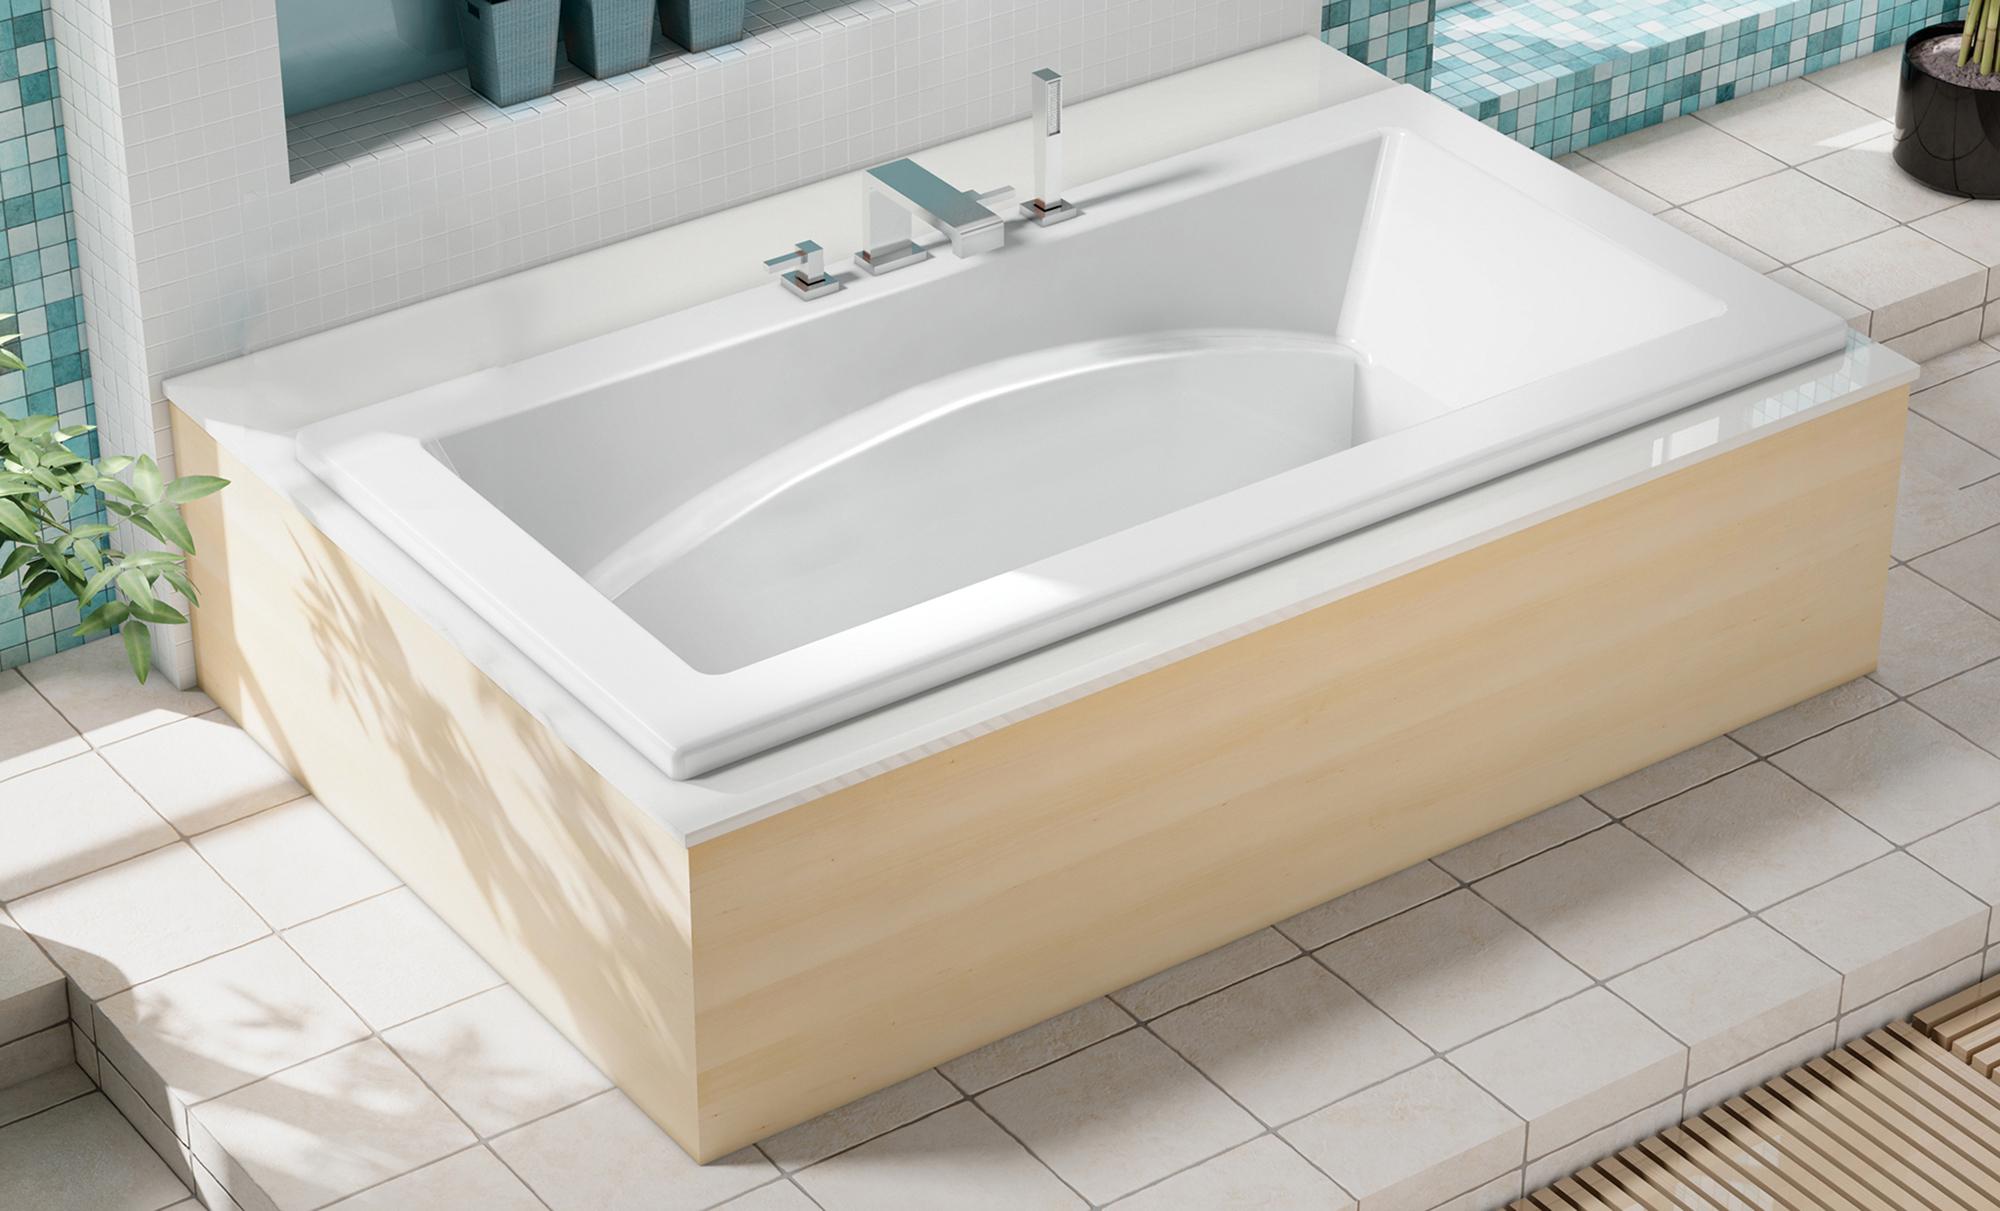 bain d cor matane plomberie et accessoires de salle de bain. Black Bedroom Furniture Sets. Home Design Ideas